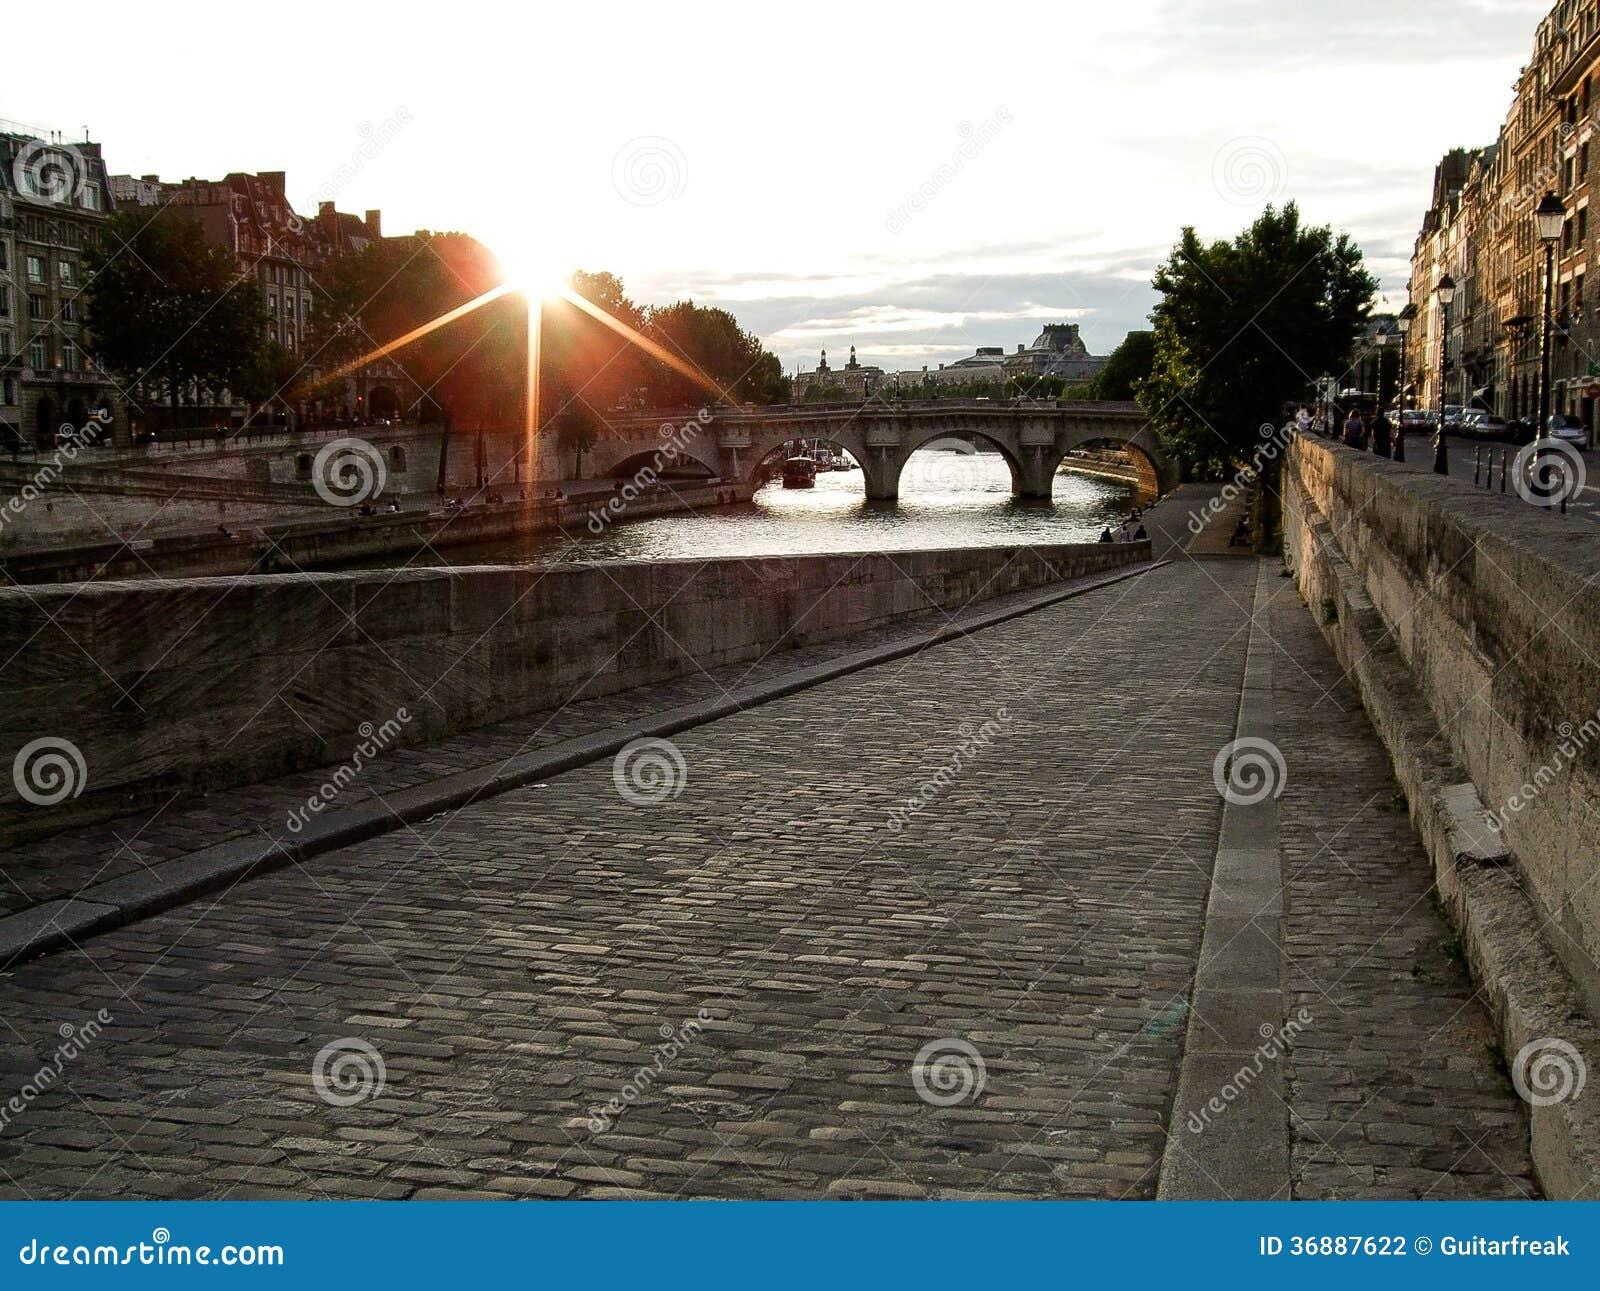 Download Parigi ad alba fotografia stock. Immagine di alba, passerella - 36887622